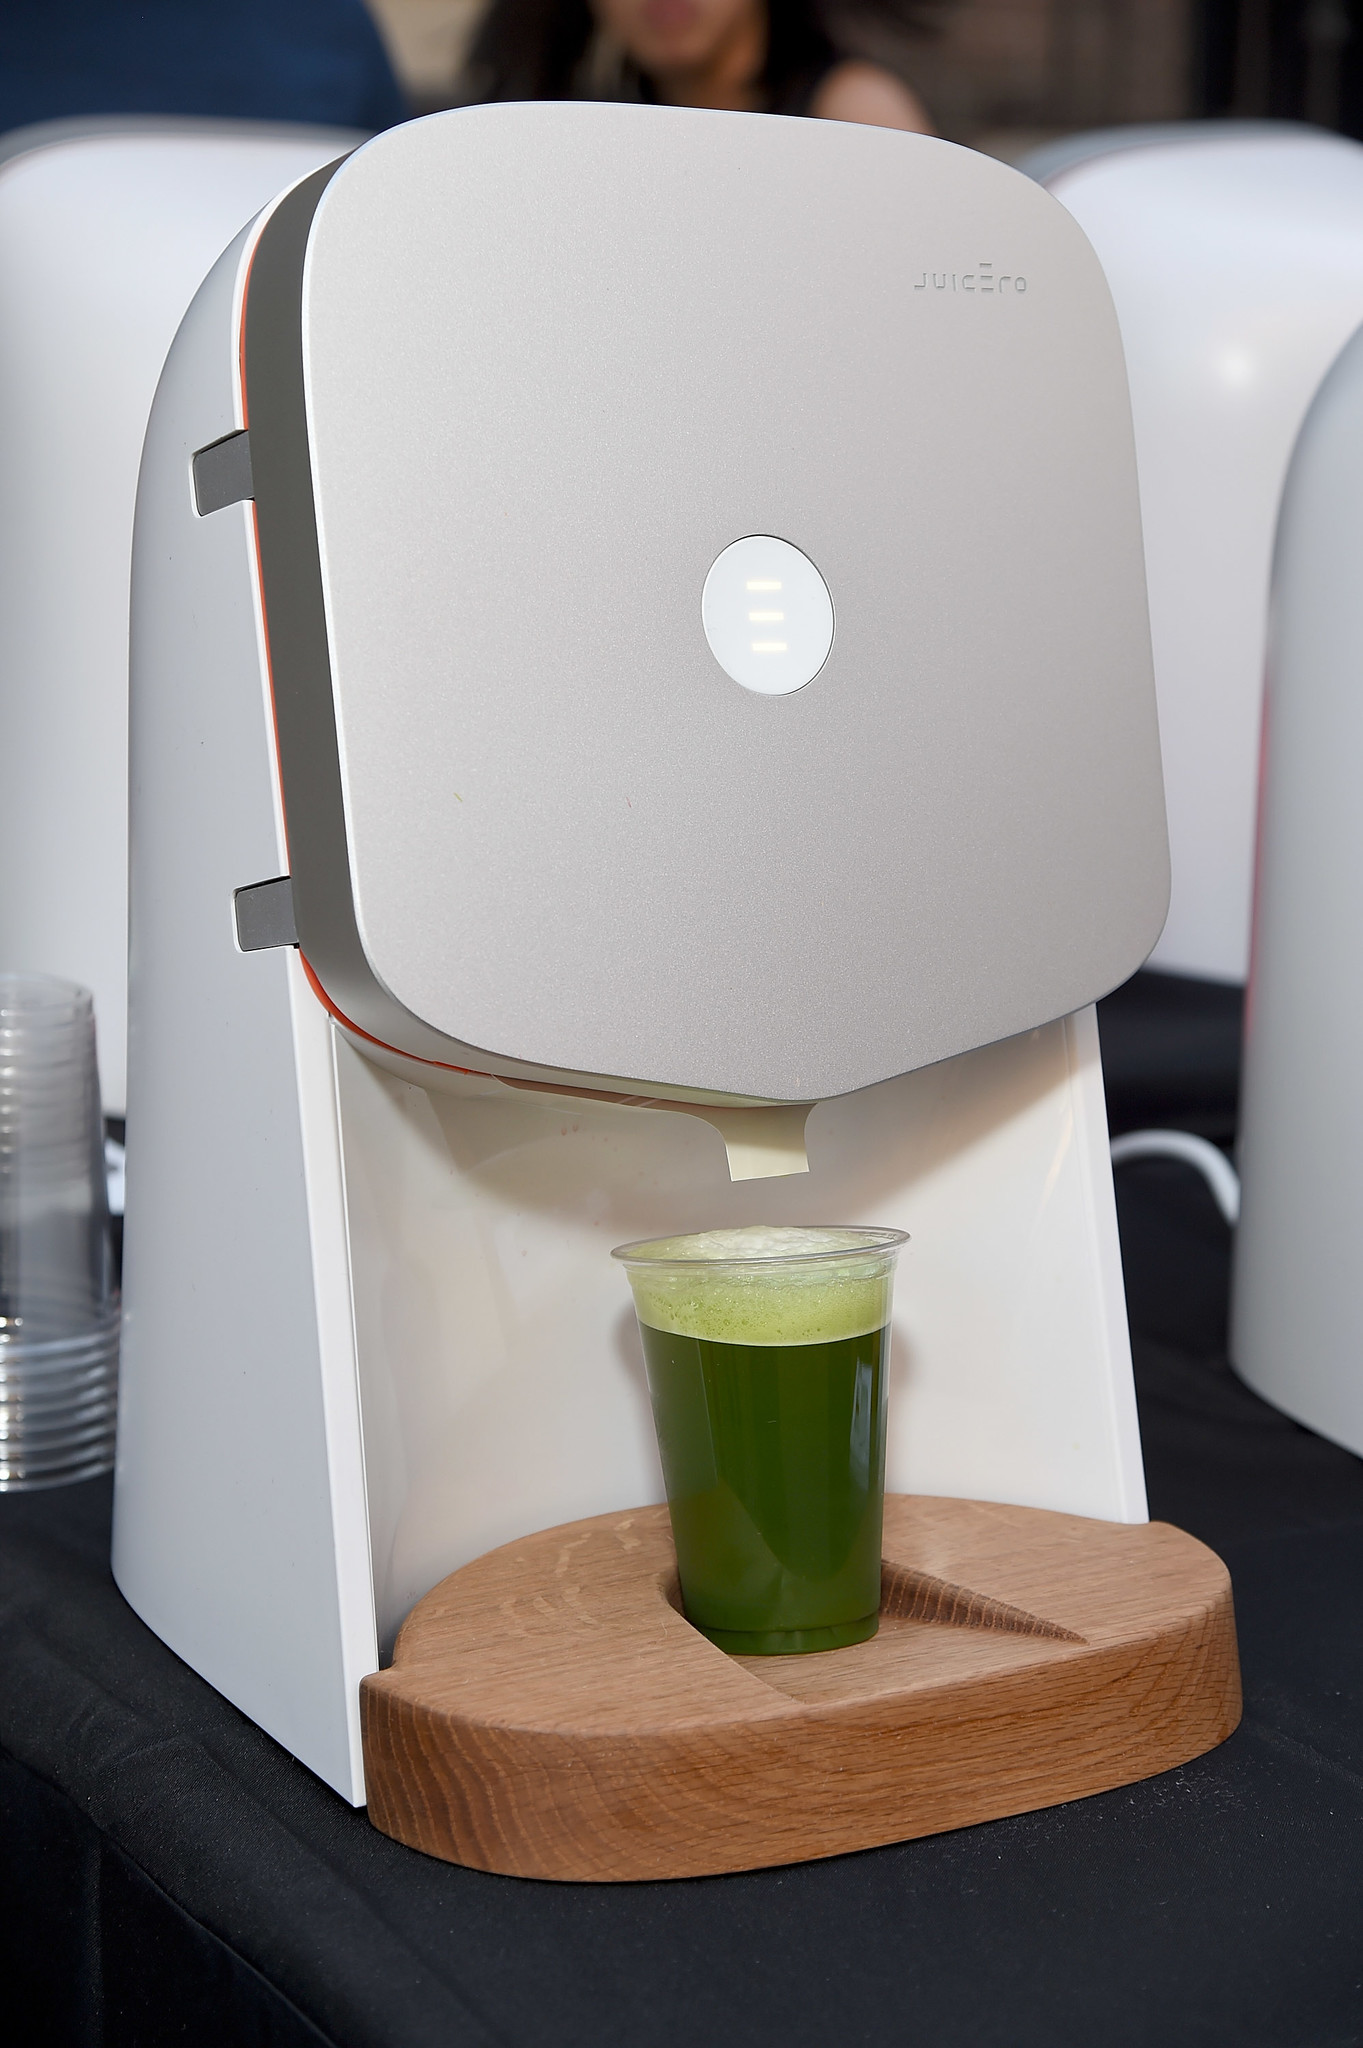 A Juicero juicer.